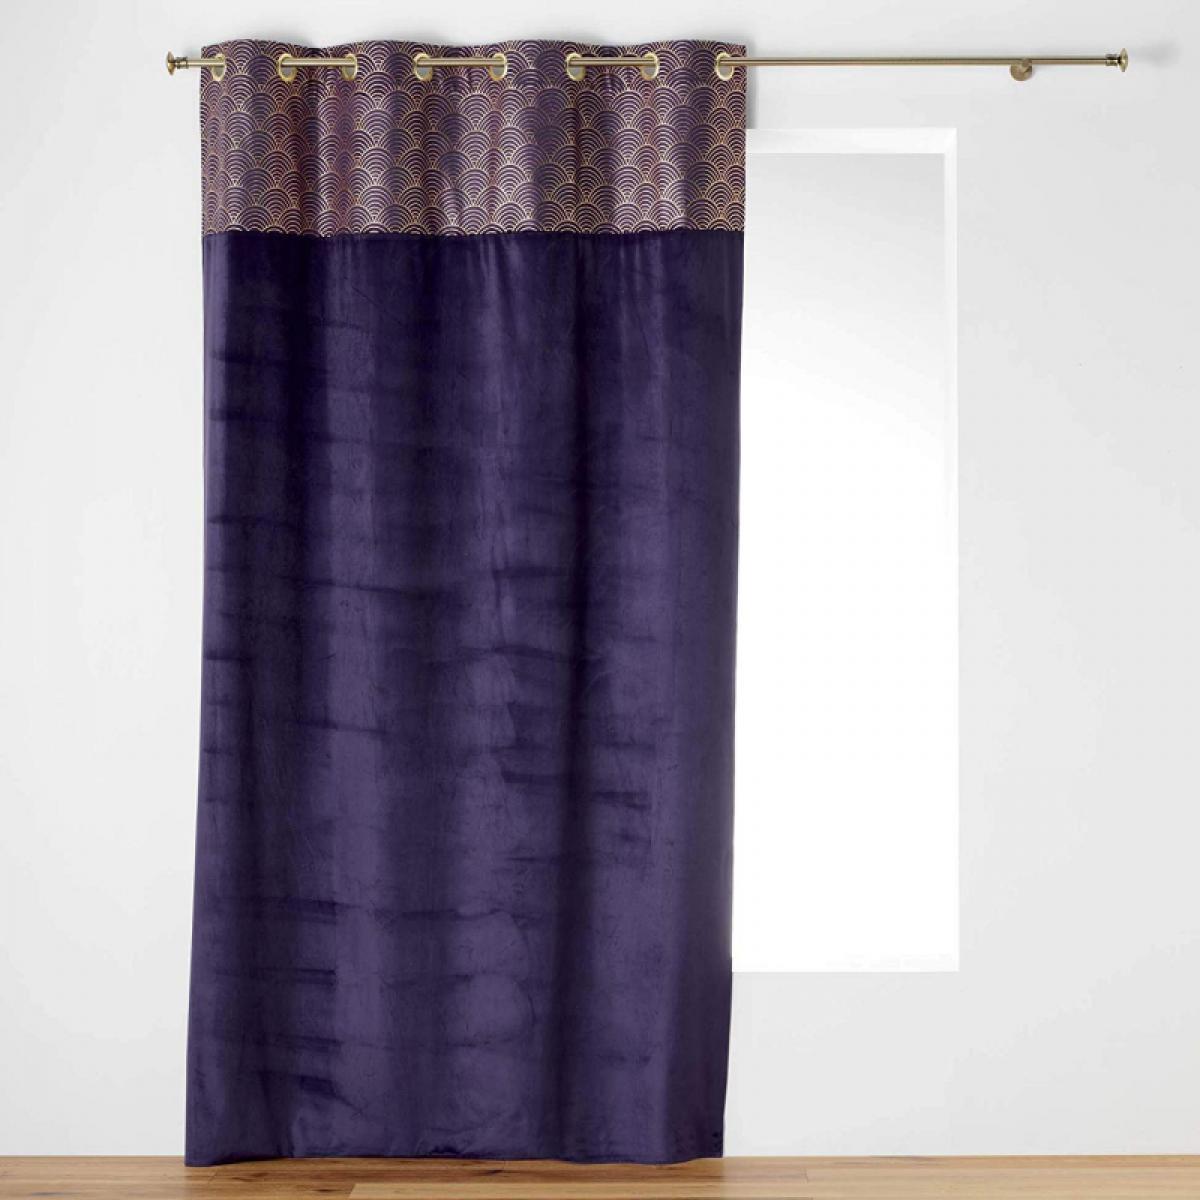 Douceur D'Interieur Rideau à oeillets 140 x 240 cm - Velours - Top Imprimé - Or Duchesse Violet